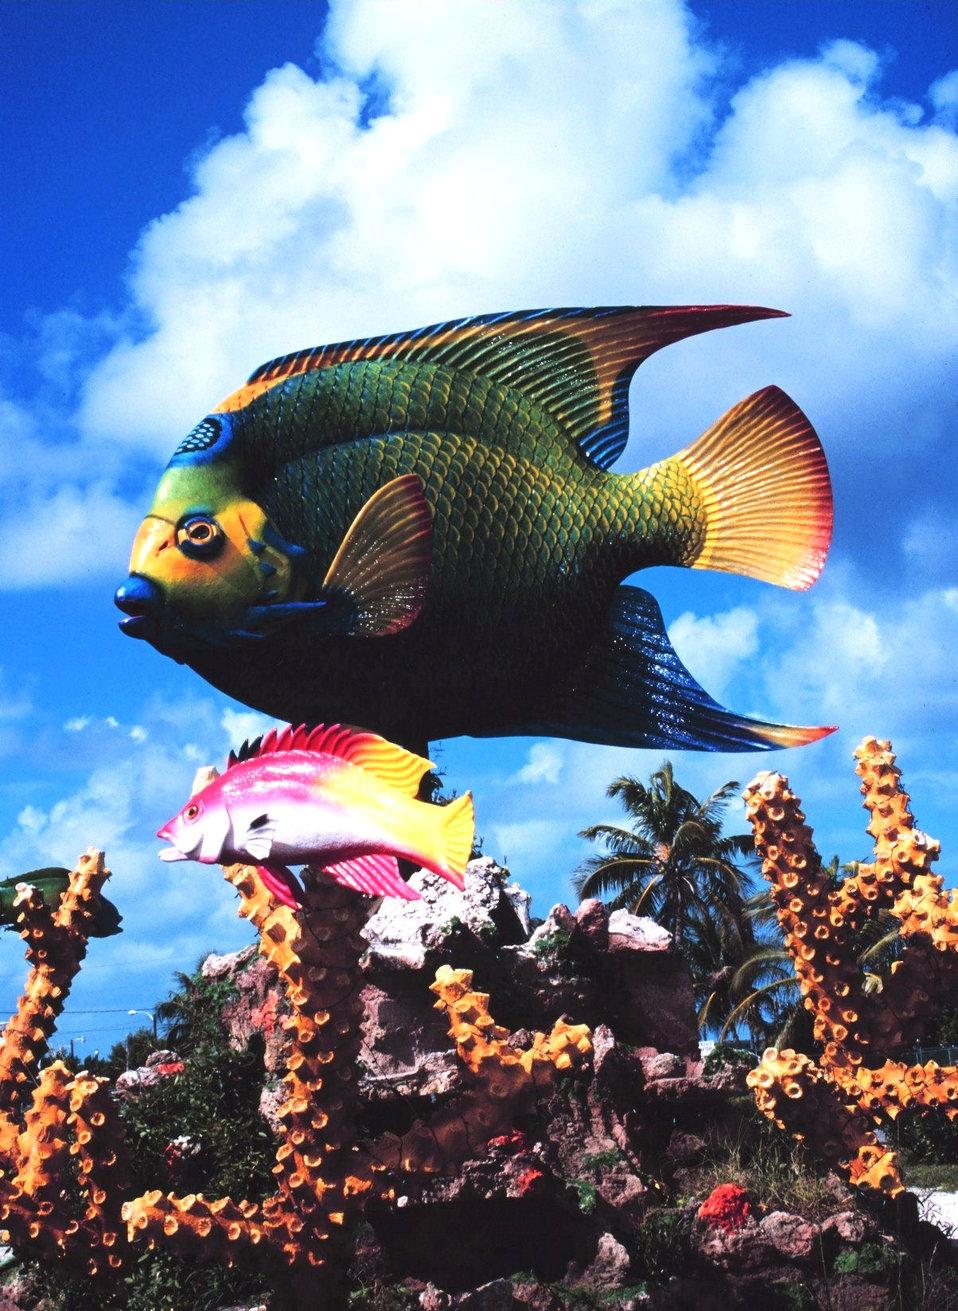 Fish art on the roadside